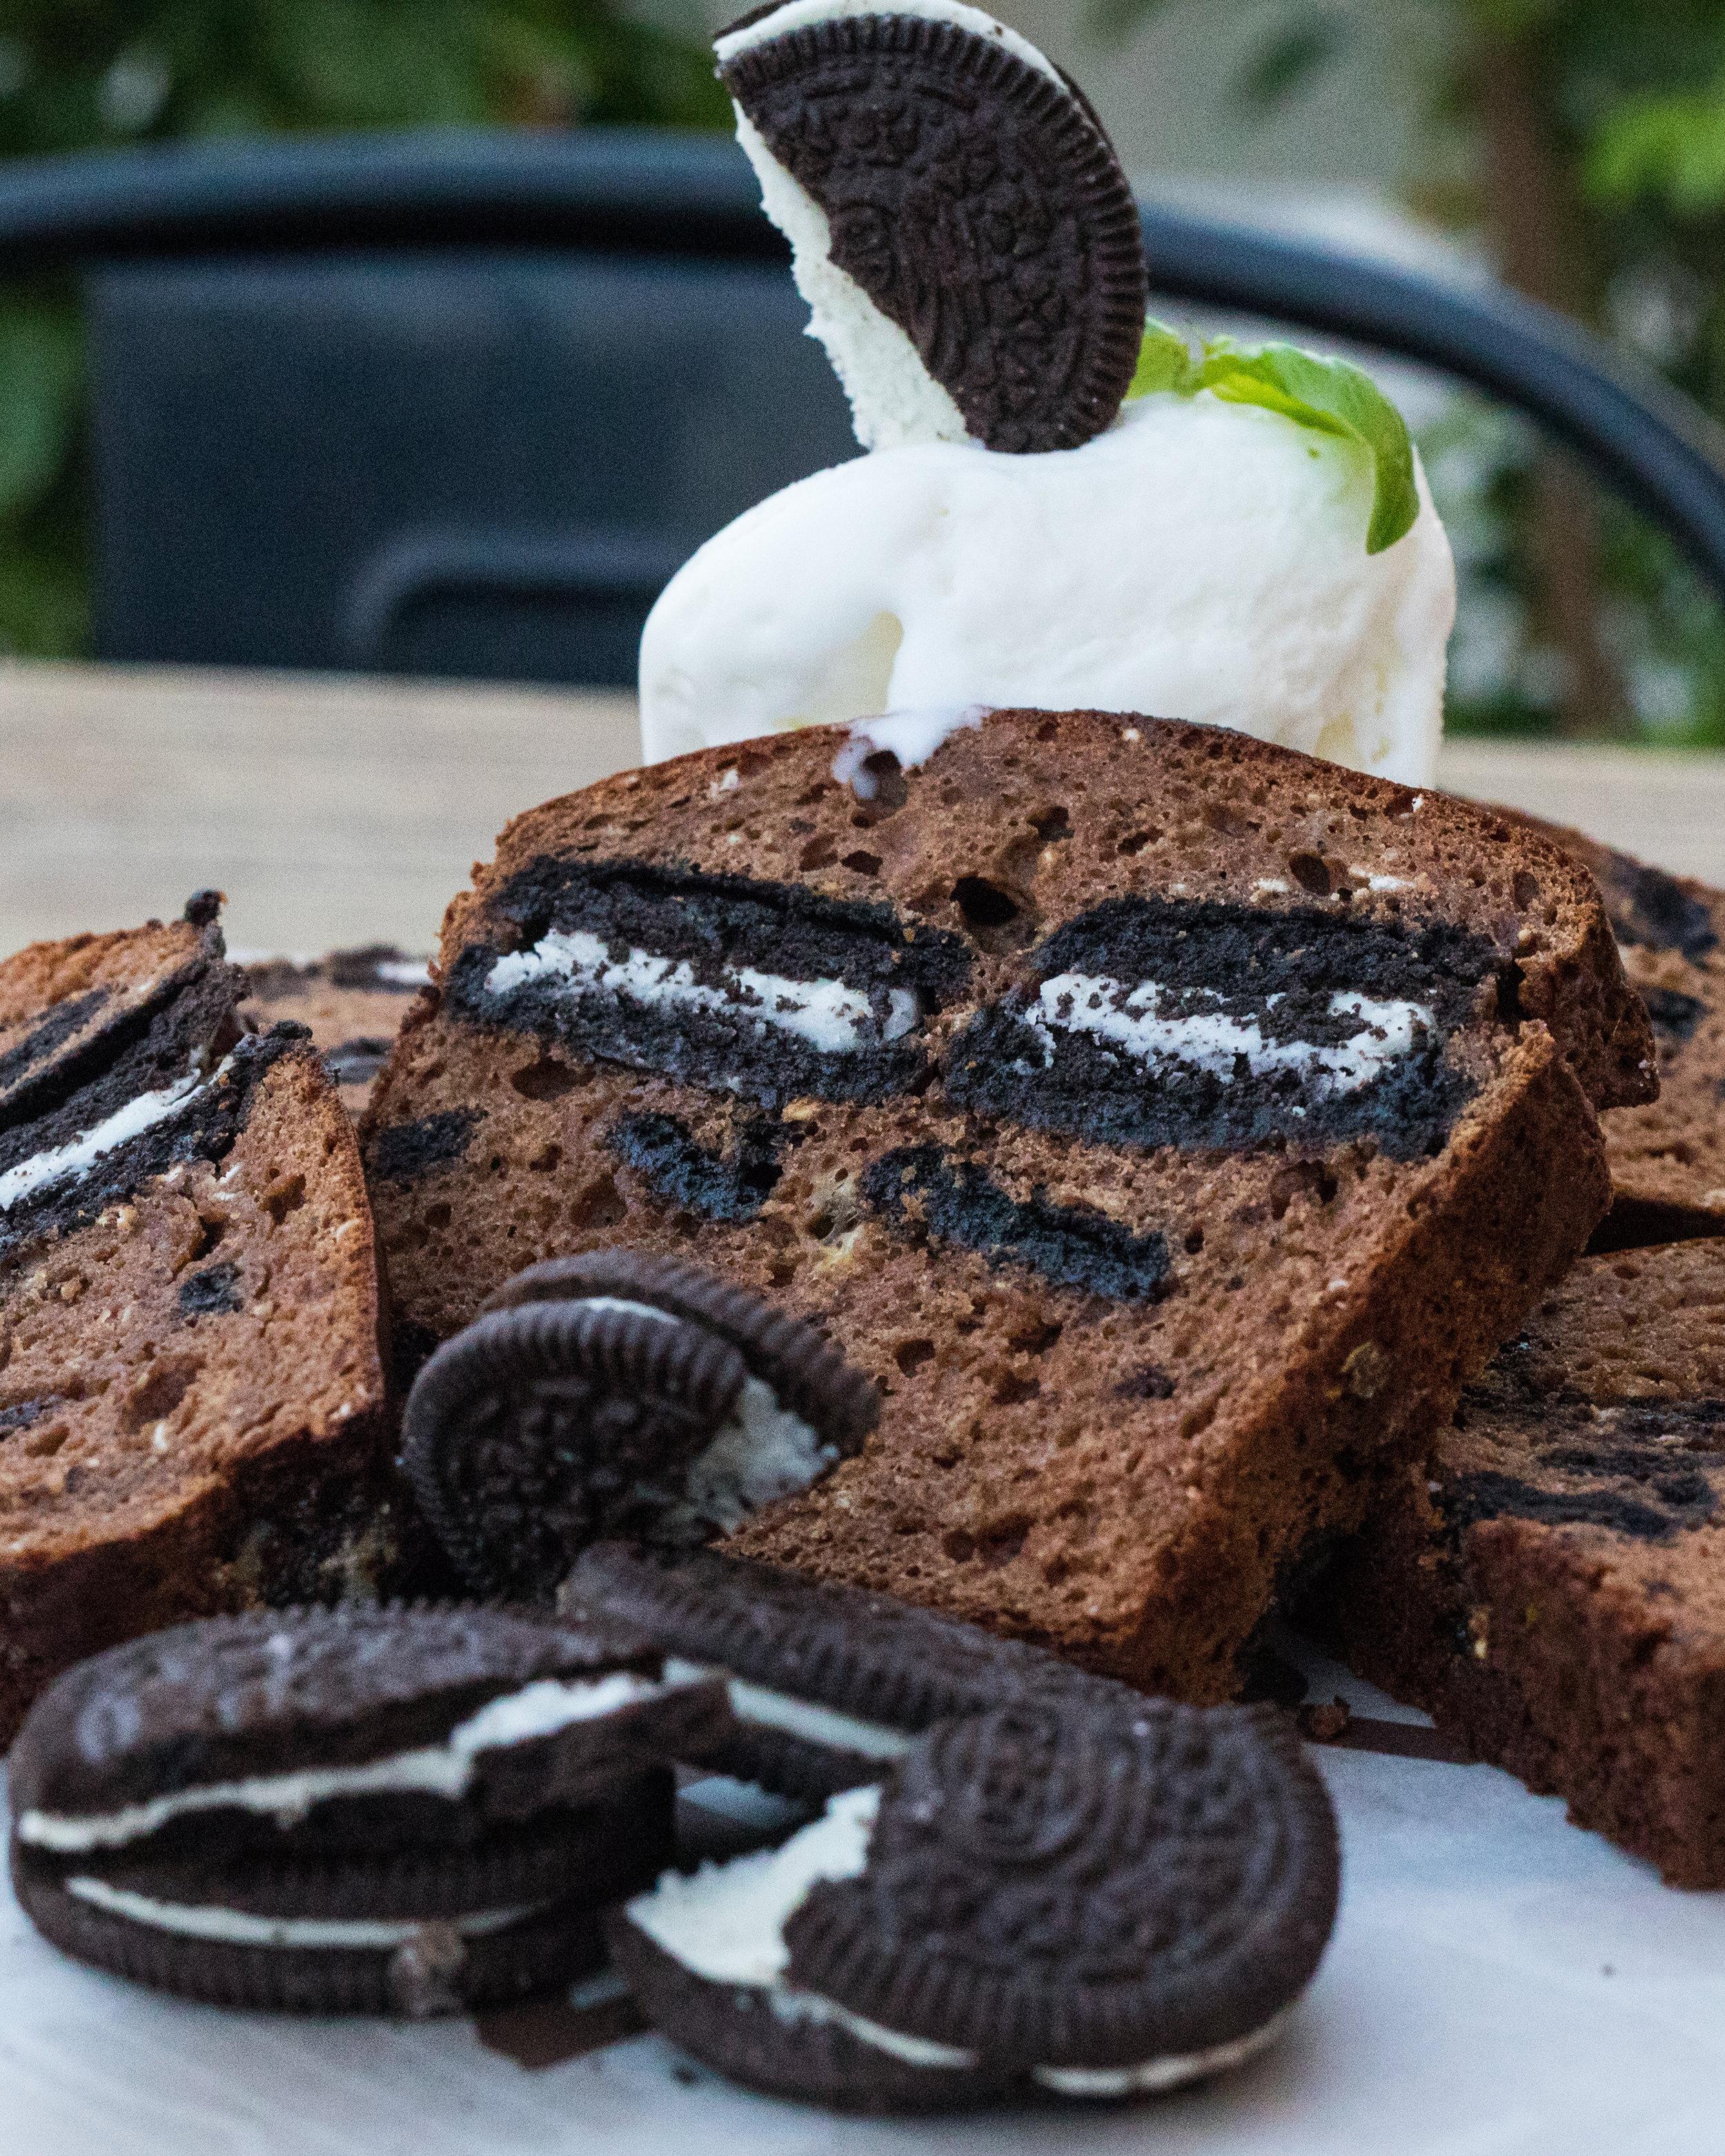 OREO ICE CREAM CAKE51.jpg